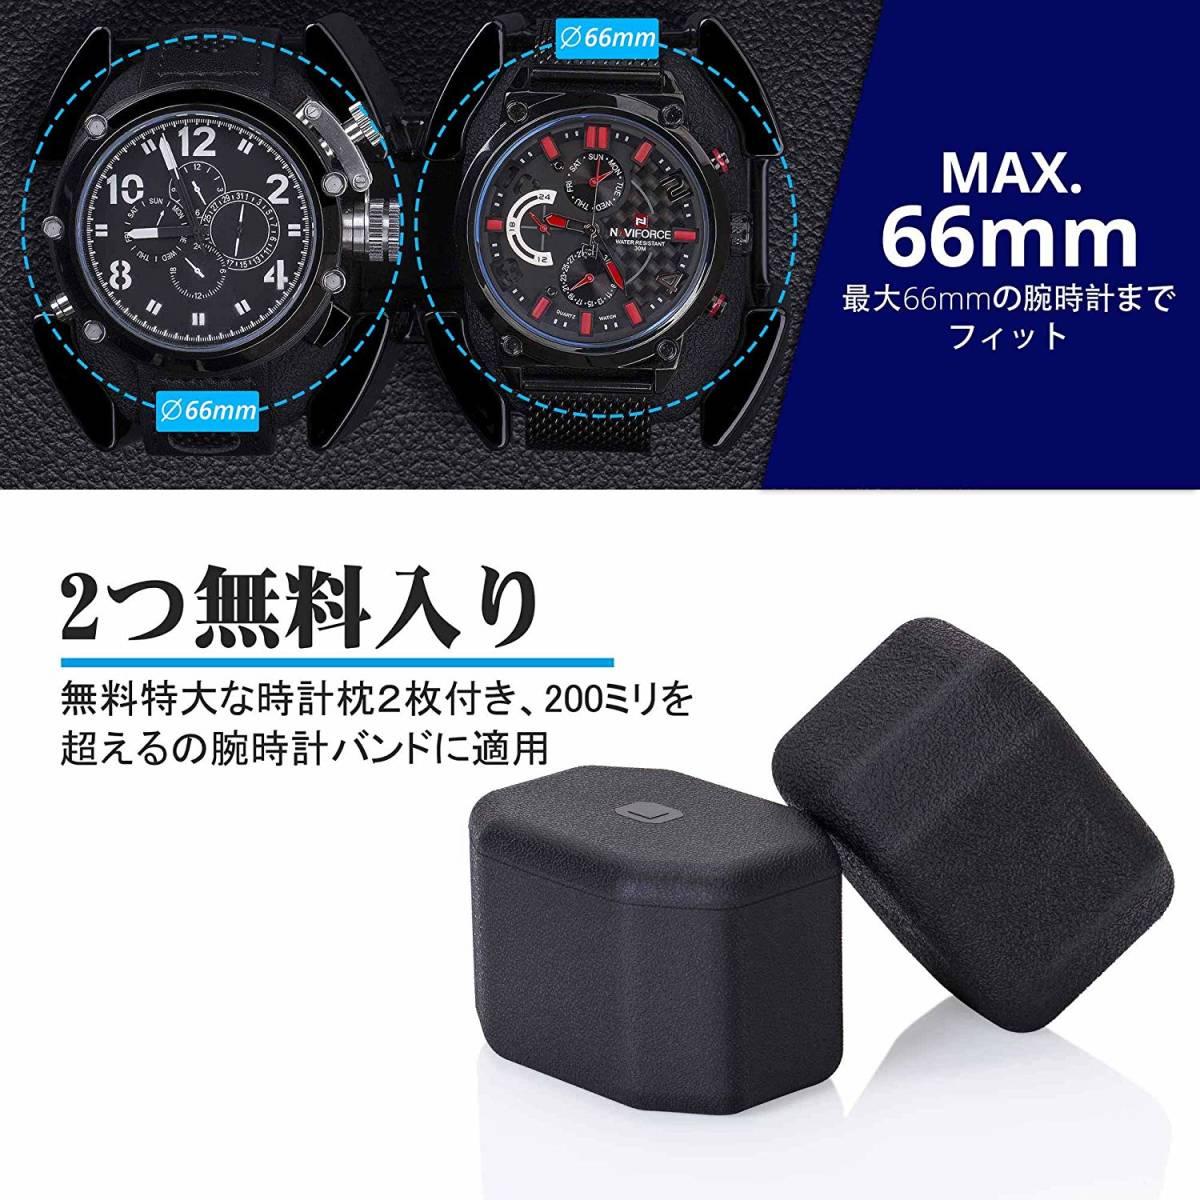 【新品・未使用】ワインディングマシーン 腕時計 自動巻き器 ウォッチワインダー2本巻き上げ LEDライト付 日本語説明書_画像6